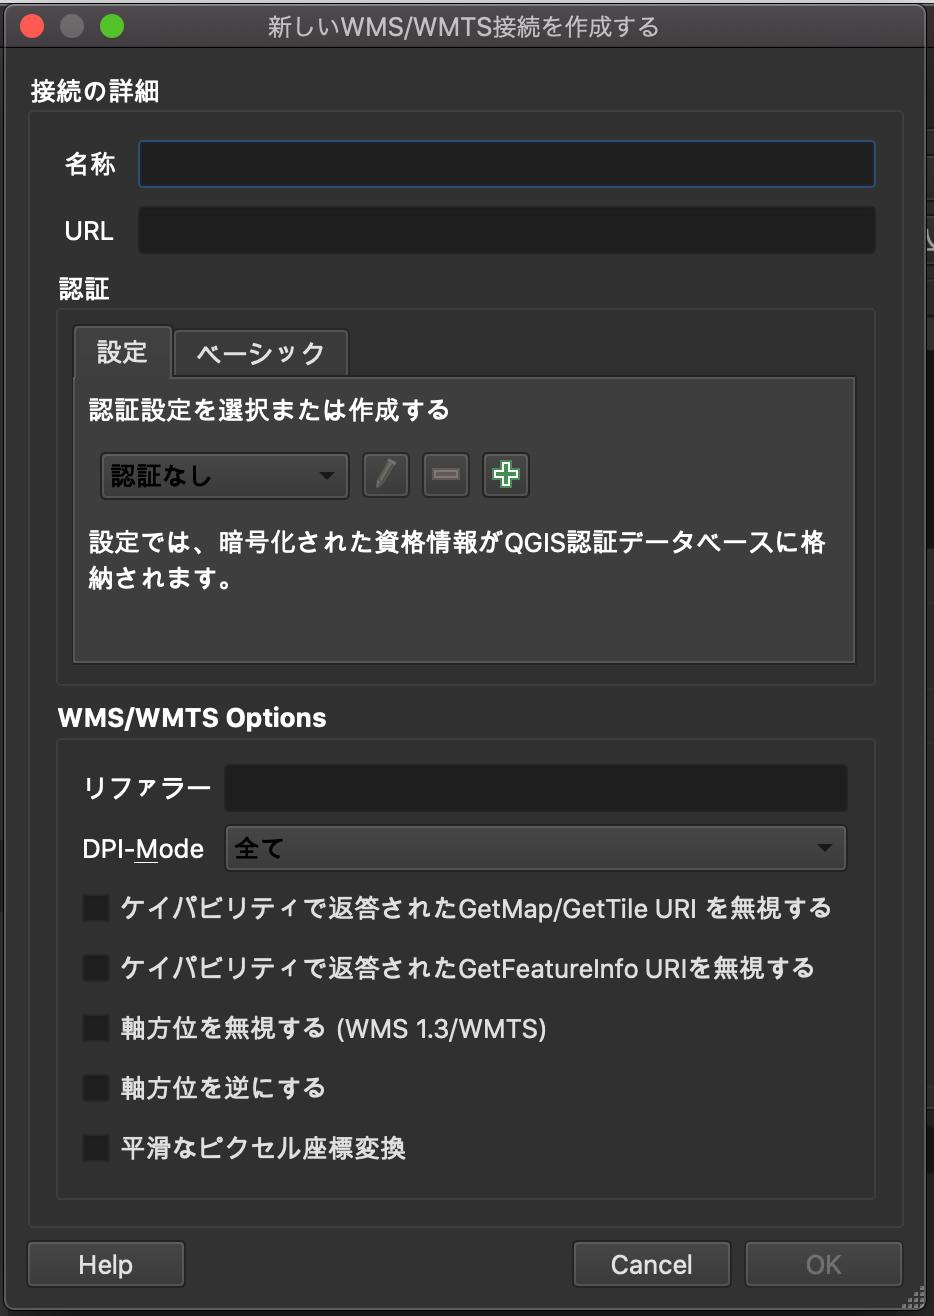 スクリーンショット 2020-04-23 17.15.32.png